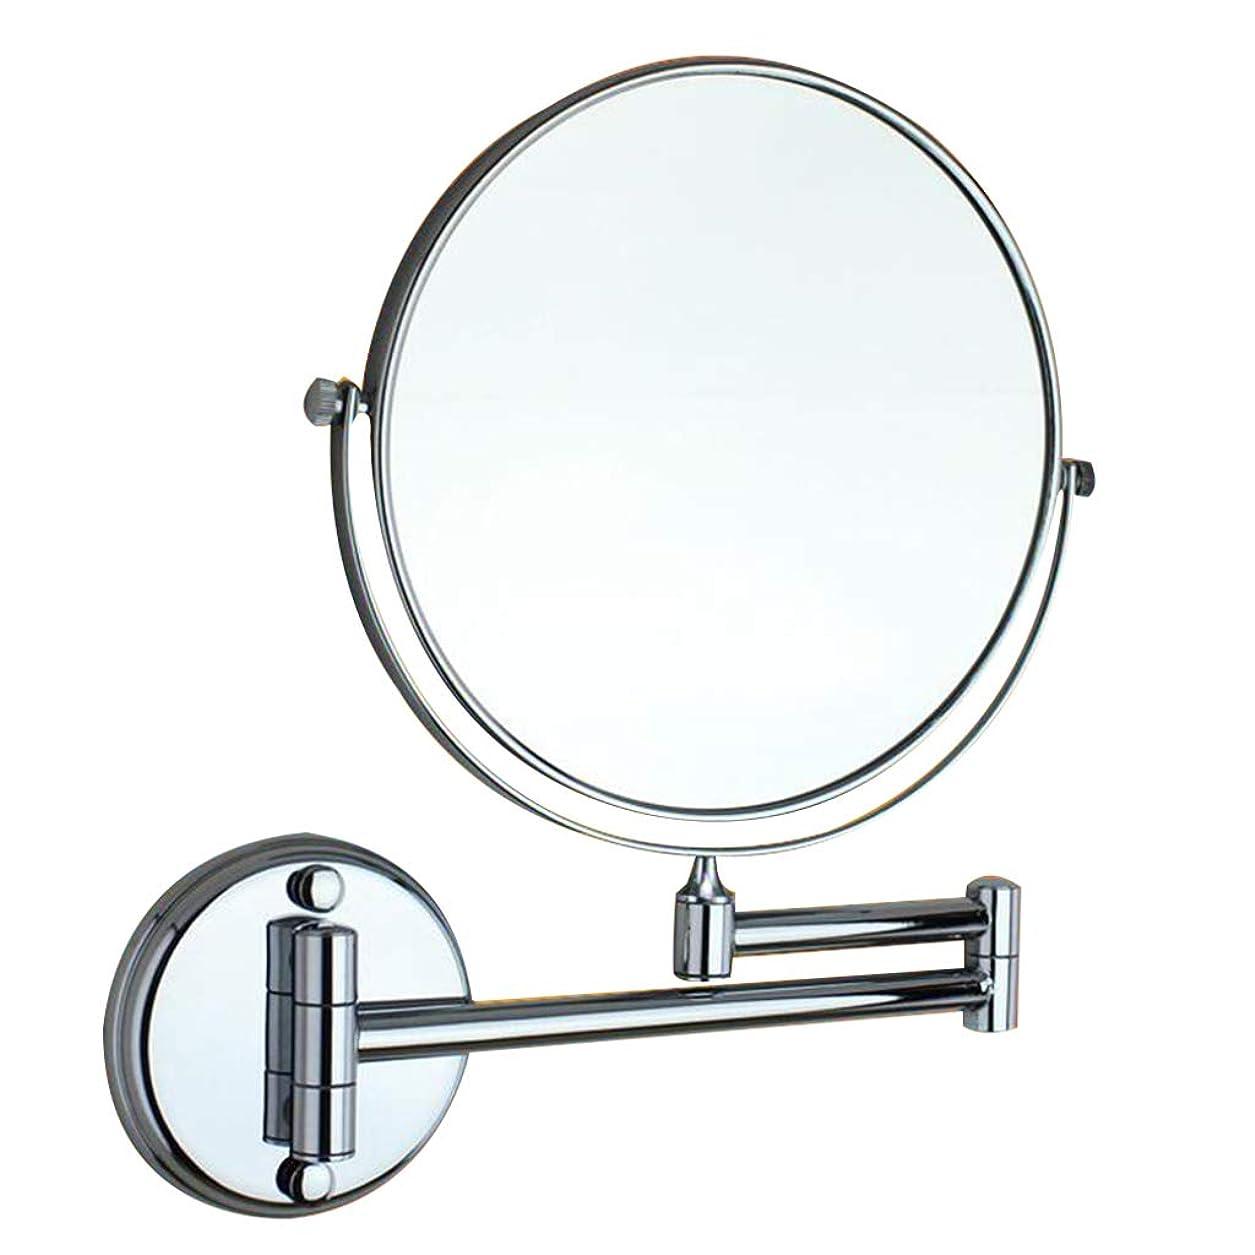 ルアーテラス部族HUYYA シェービングミラー バスルームメイクアップミラー 壁付、バニティミラー 3 倍拡大鏡 化粧鏡 両面 丸め 寝室や浴室に適しています,Silver_8inch